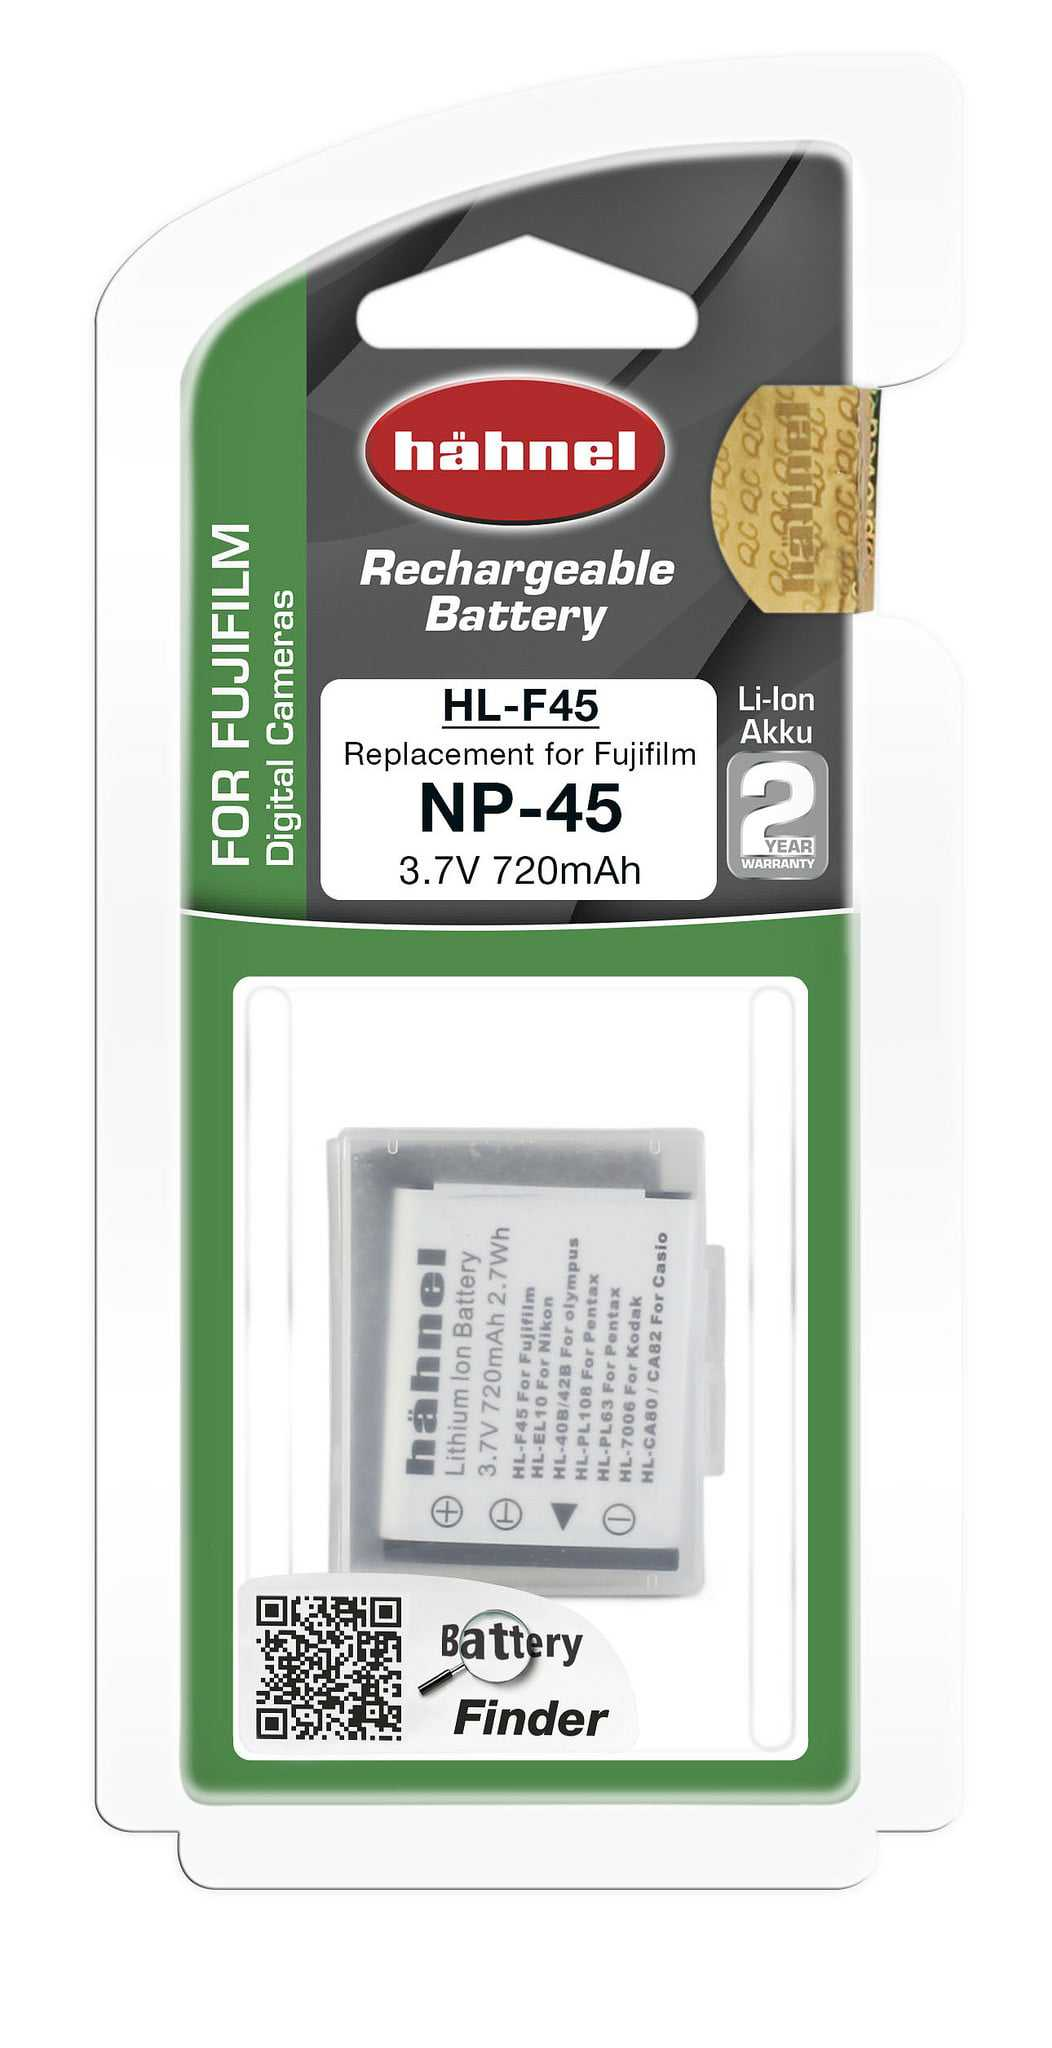 סוללה נטענת חליפית לפוג'י NP-45